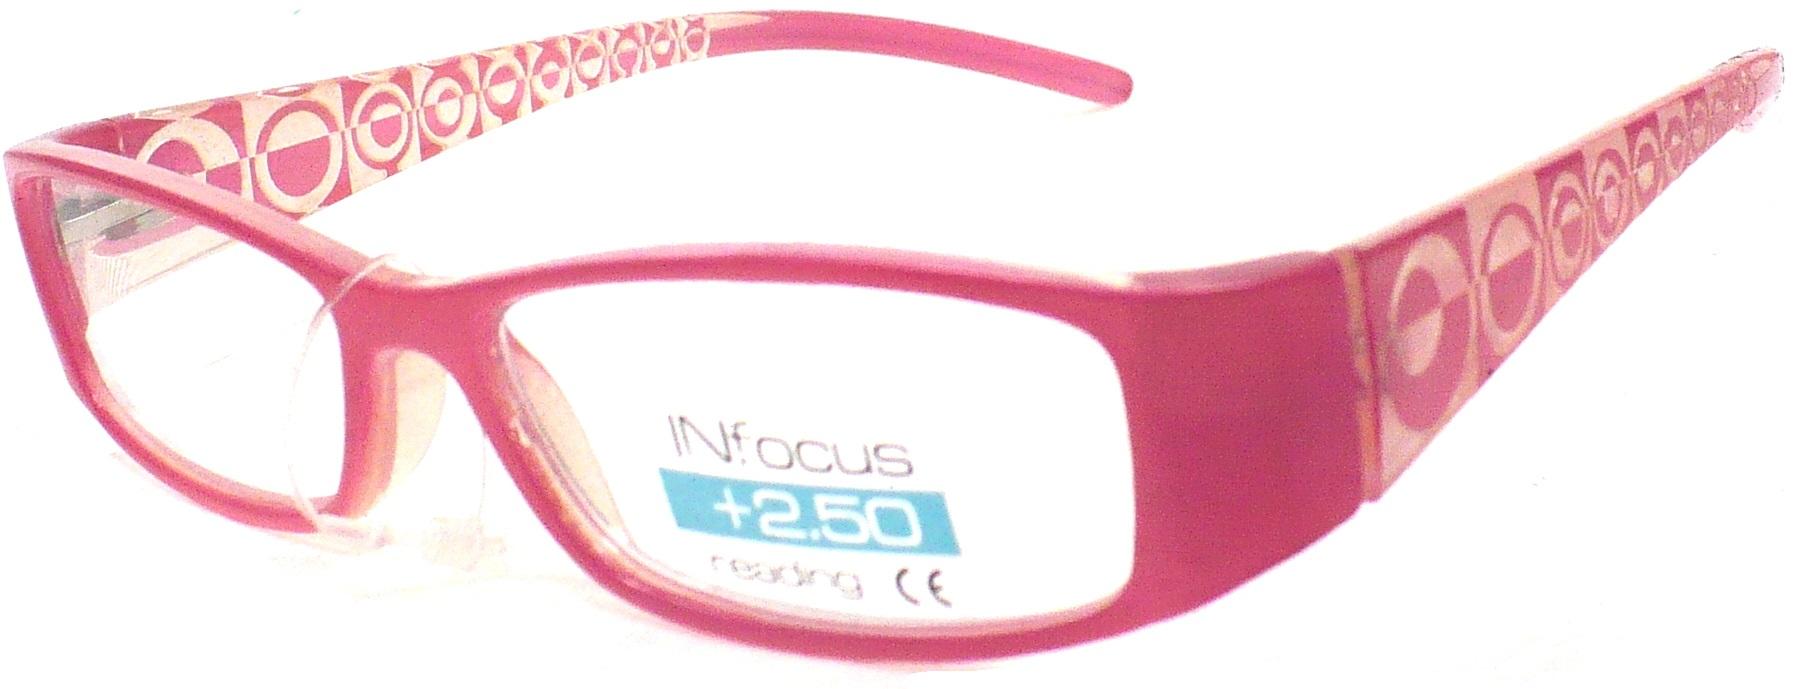 Berkeley Čtecí dioptrické brýle +2,50 růžové 1 kus R7603 PD62